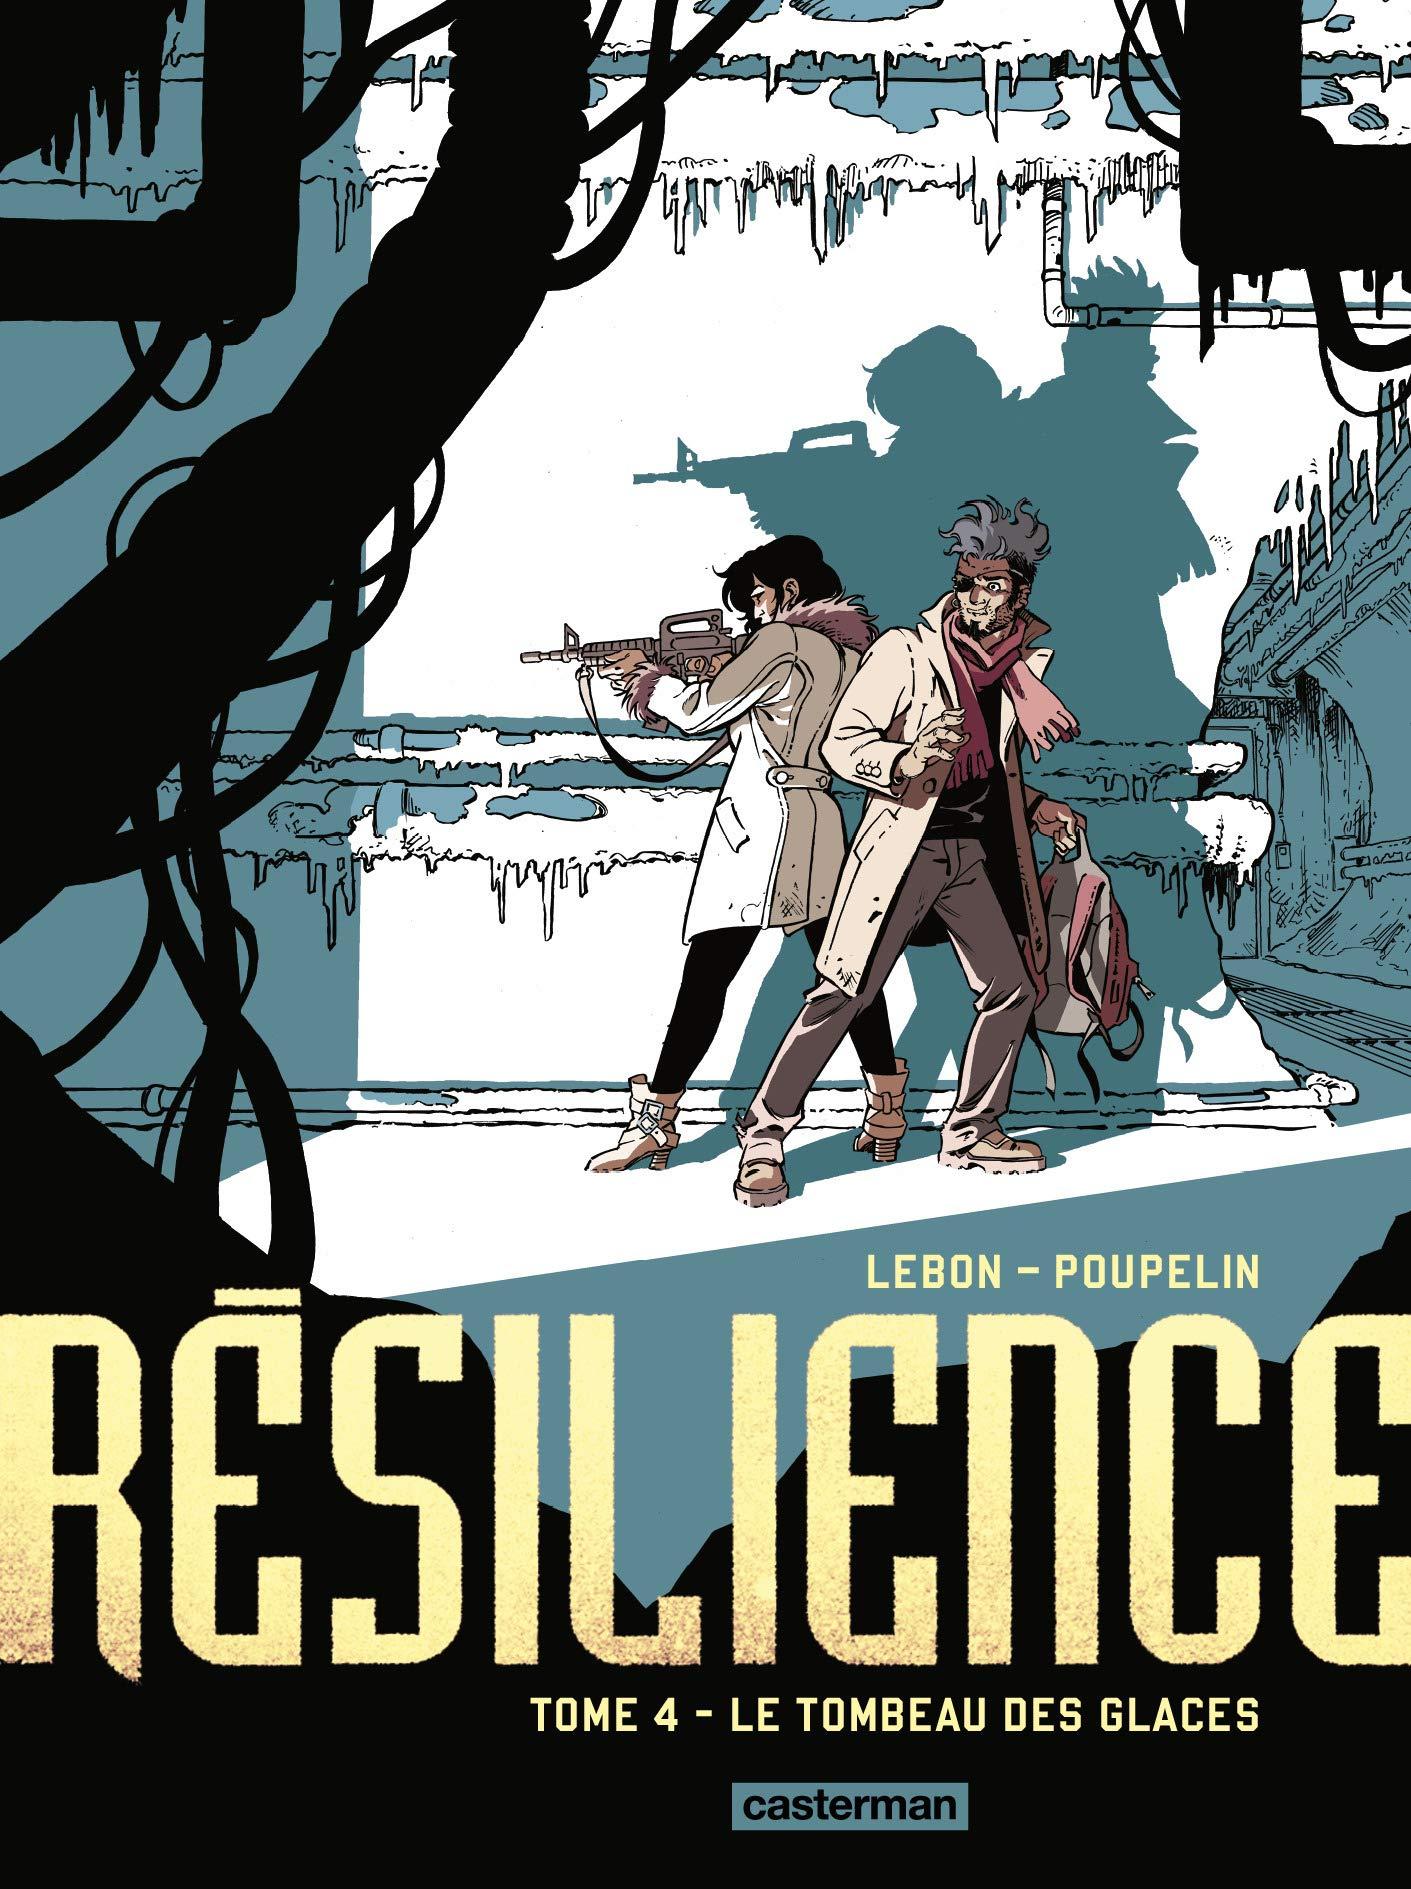 Résilience 4 - Le tombeau des glaces